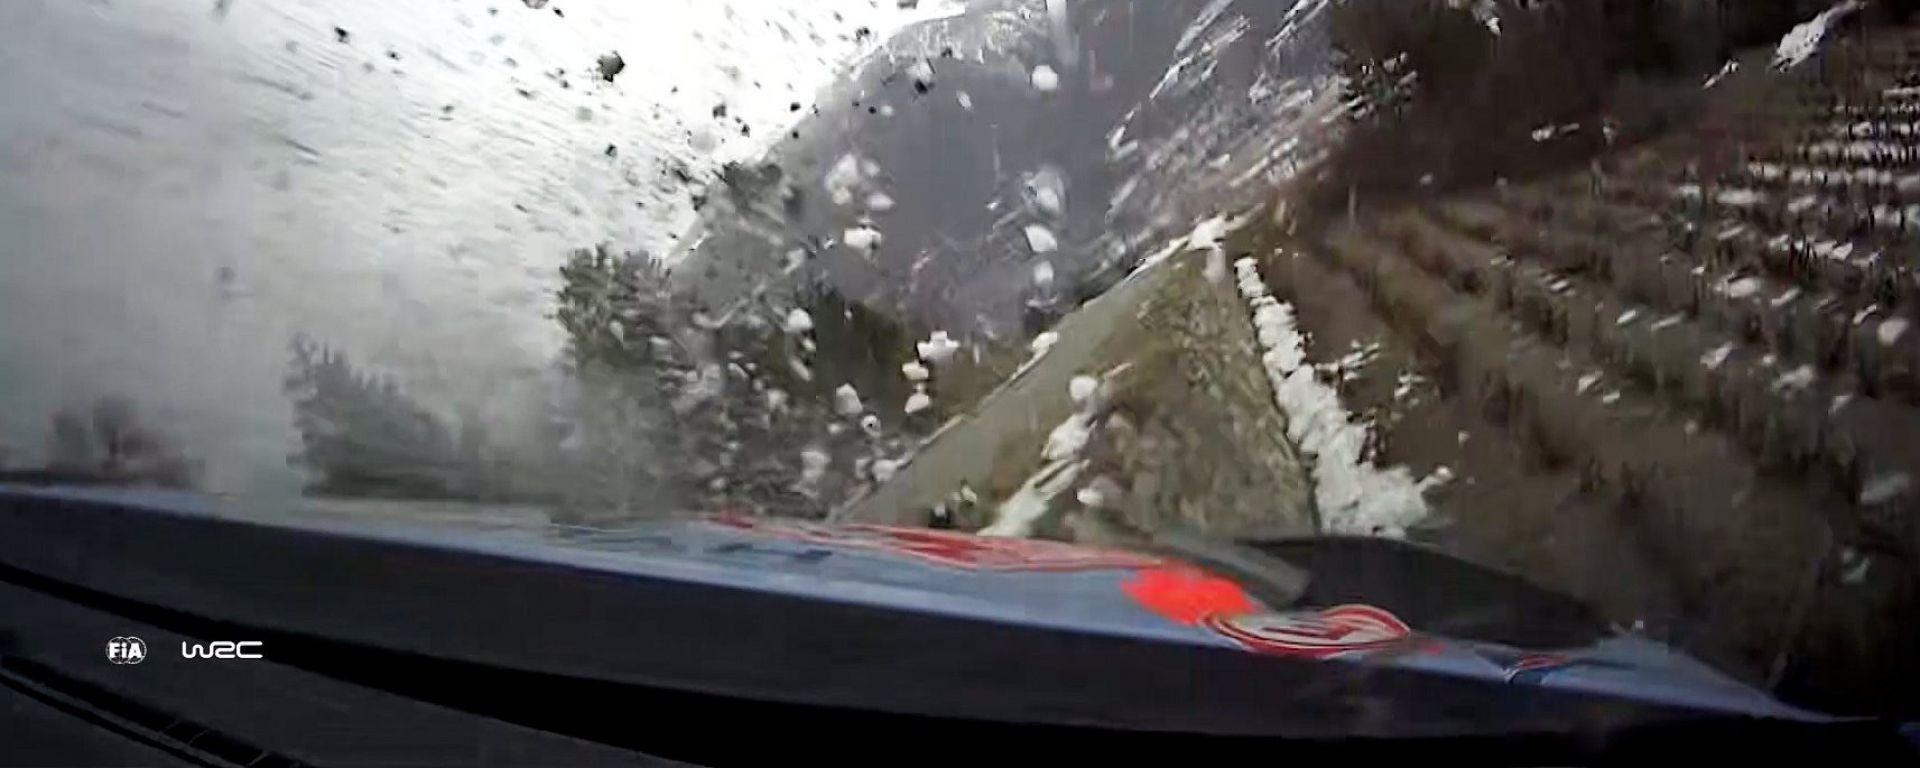 WRC, rally Montecarlo 2020: immagine onboard dello spaventoso incidente di Tanak (Hyundai)